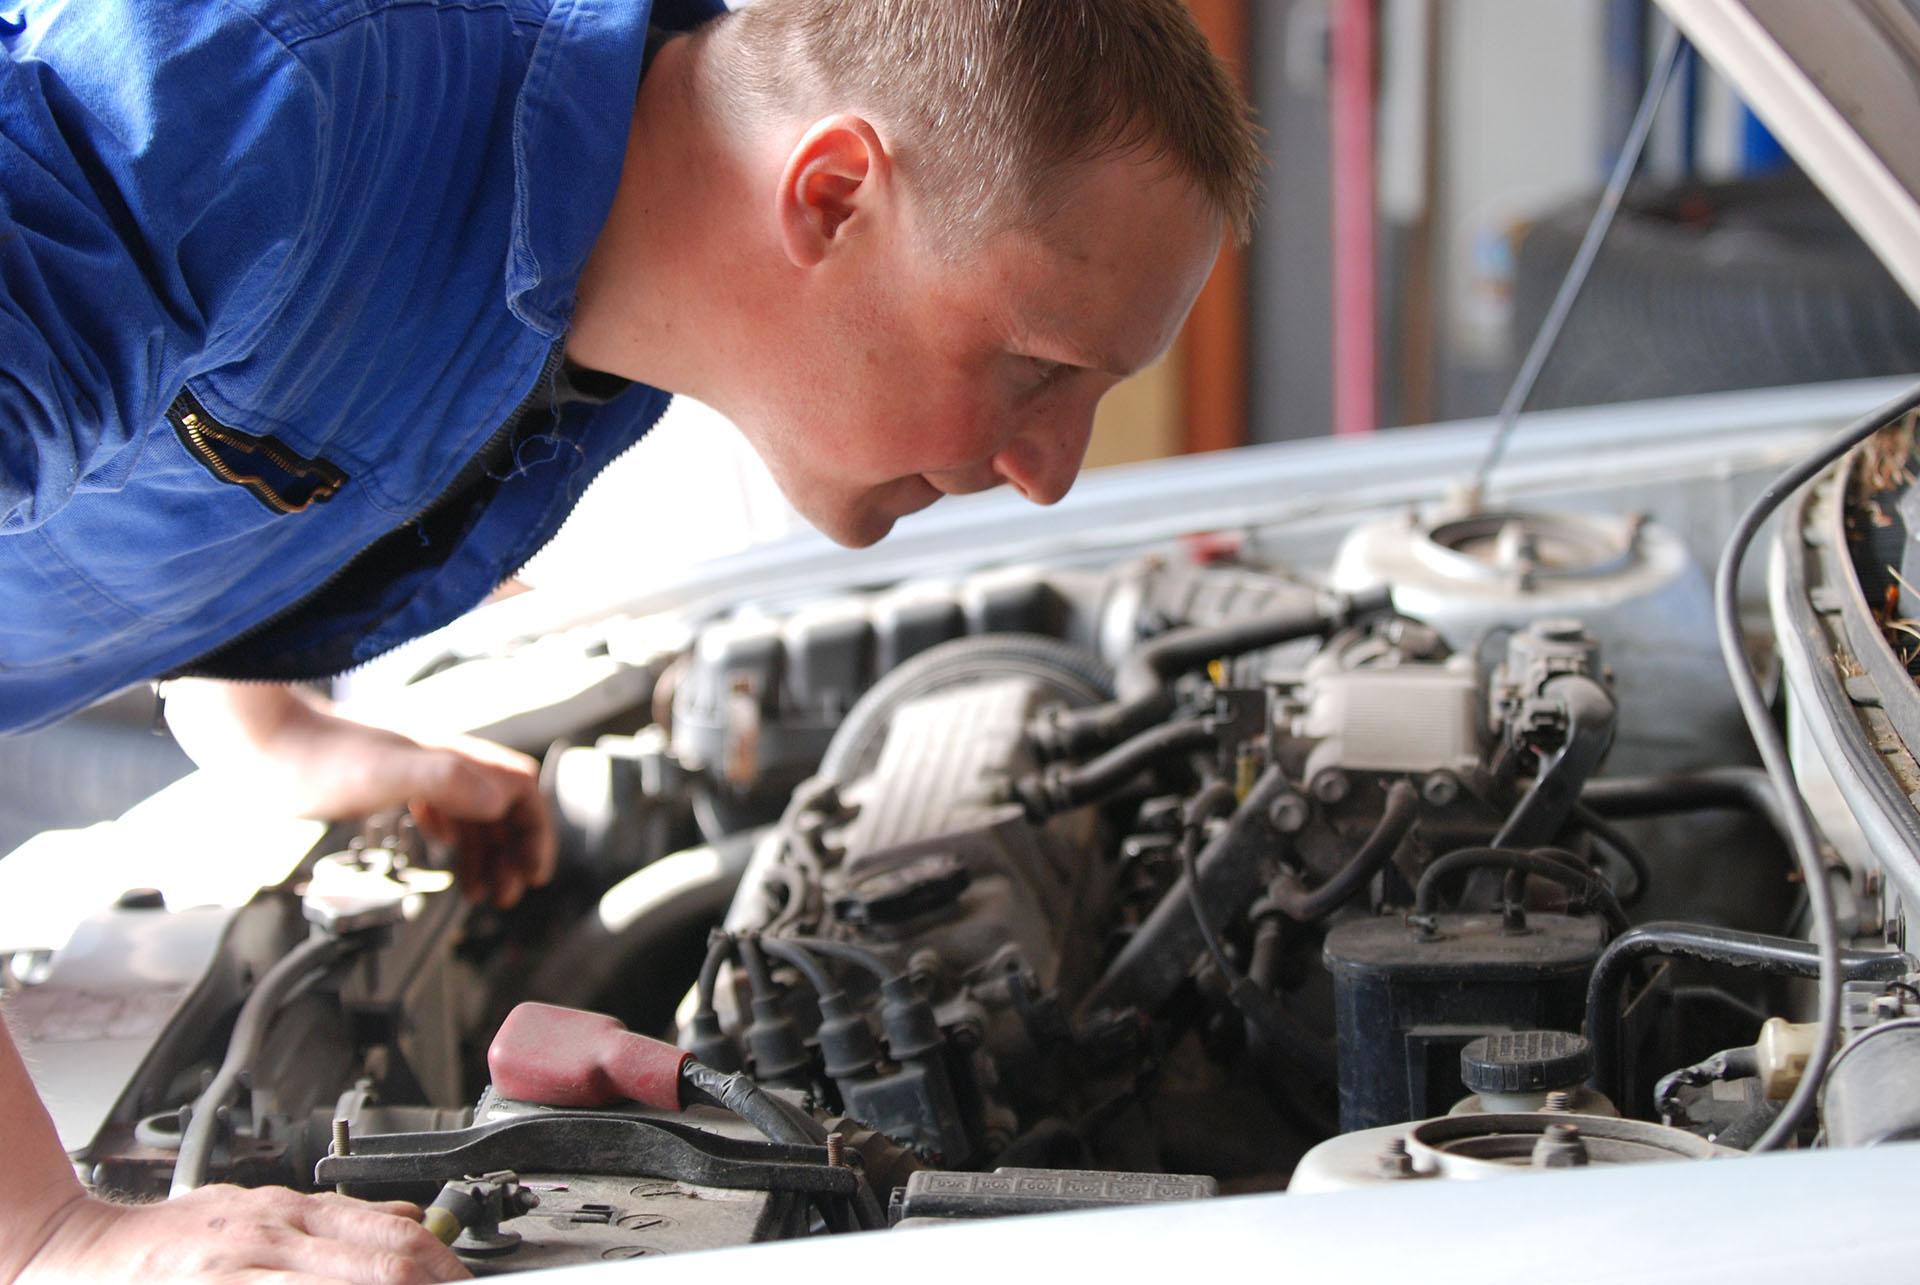 Check-ups, MOT certificates, Przegląd techniczny pojazdów, certyfikaty MOT